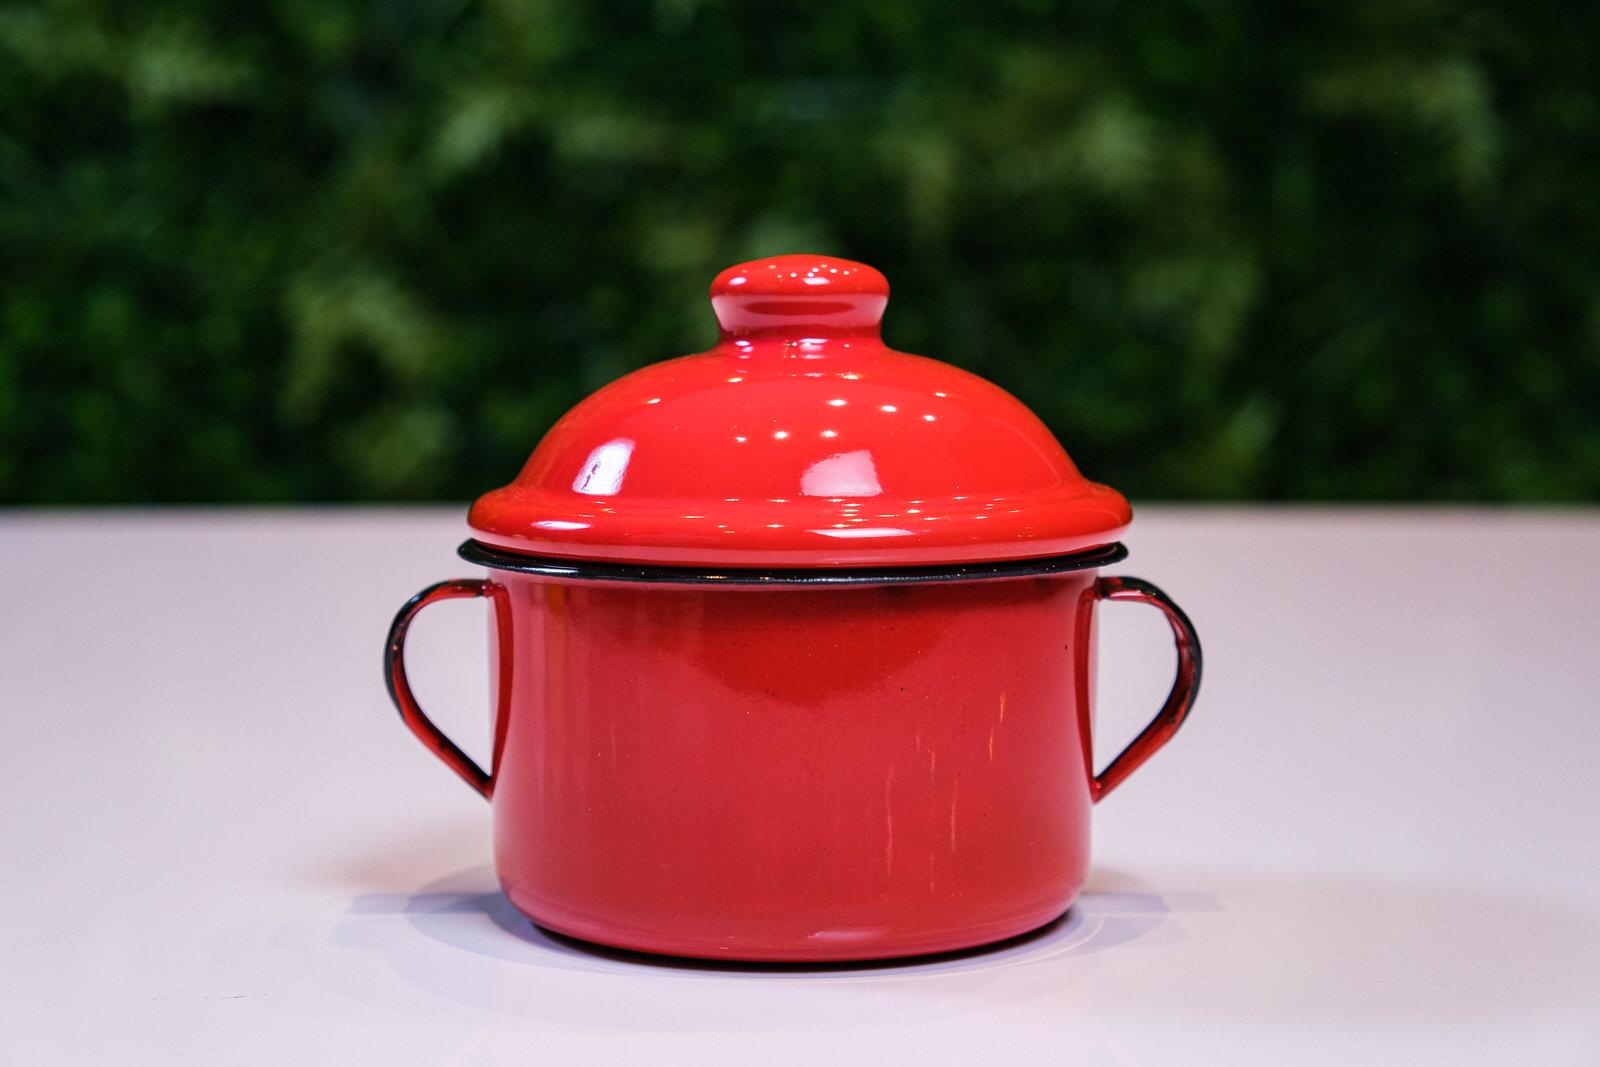 Açucareiro em Ágata Vermelho - 350 Gramas